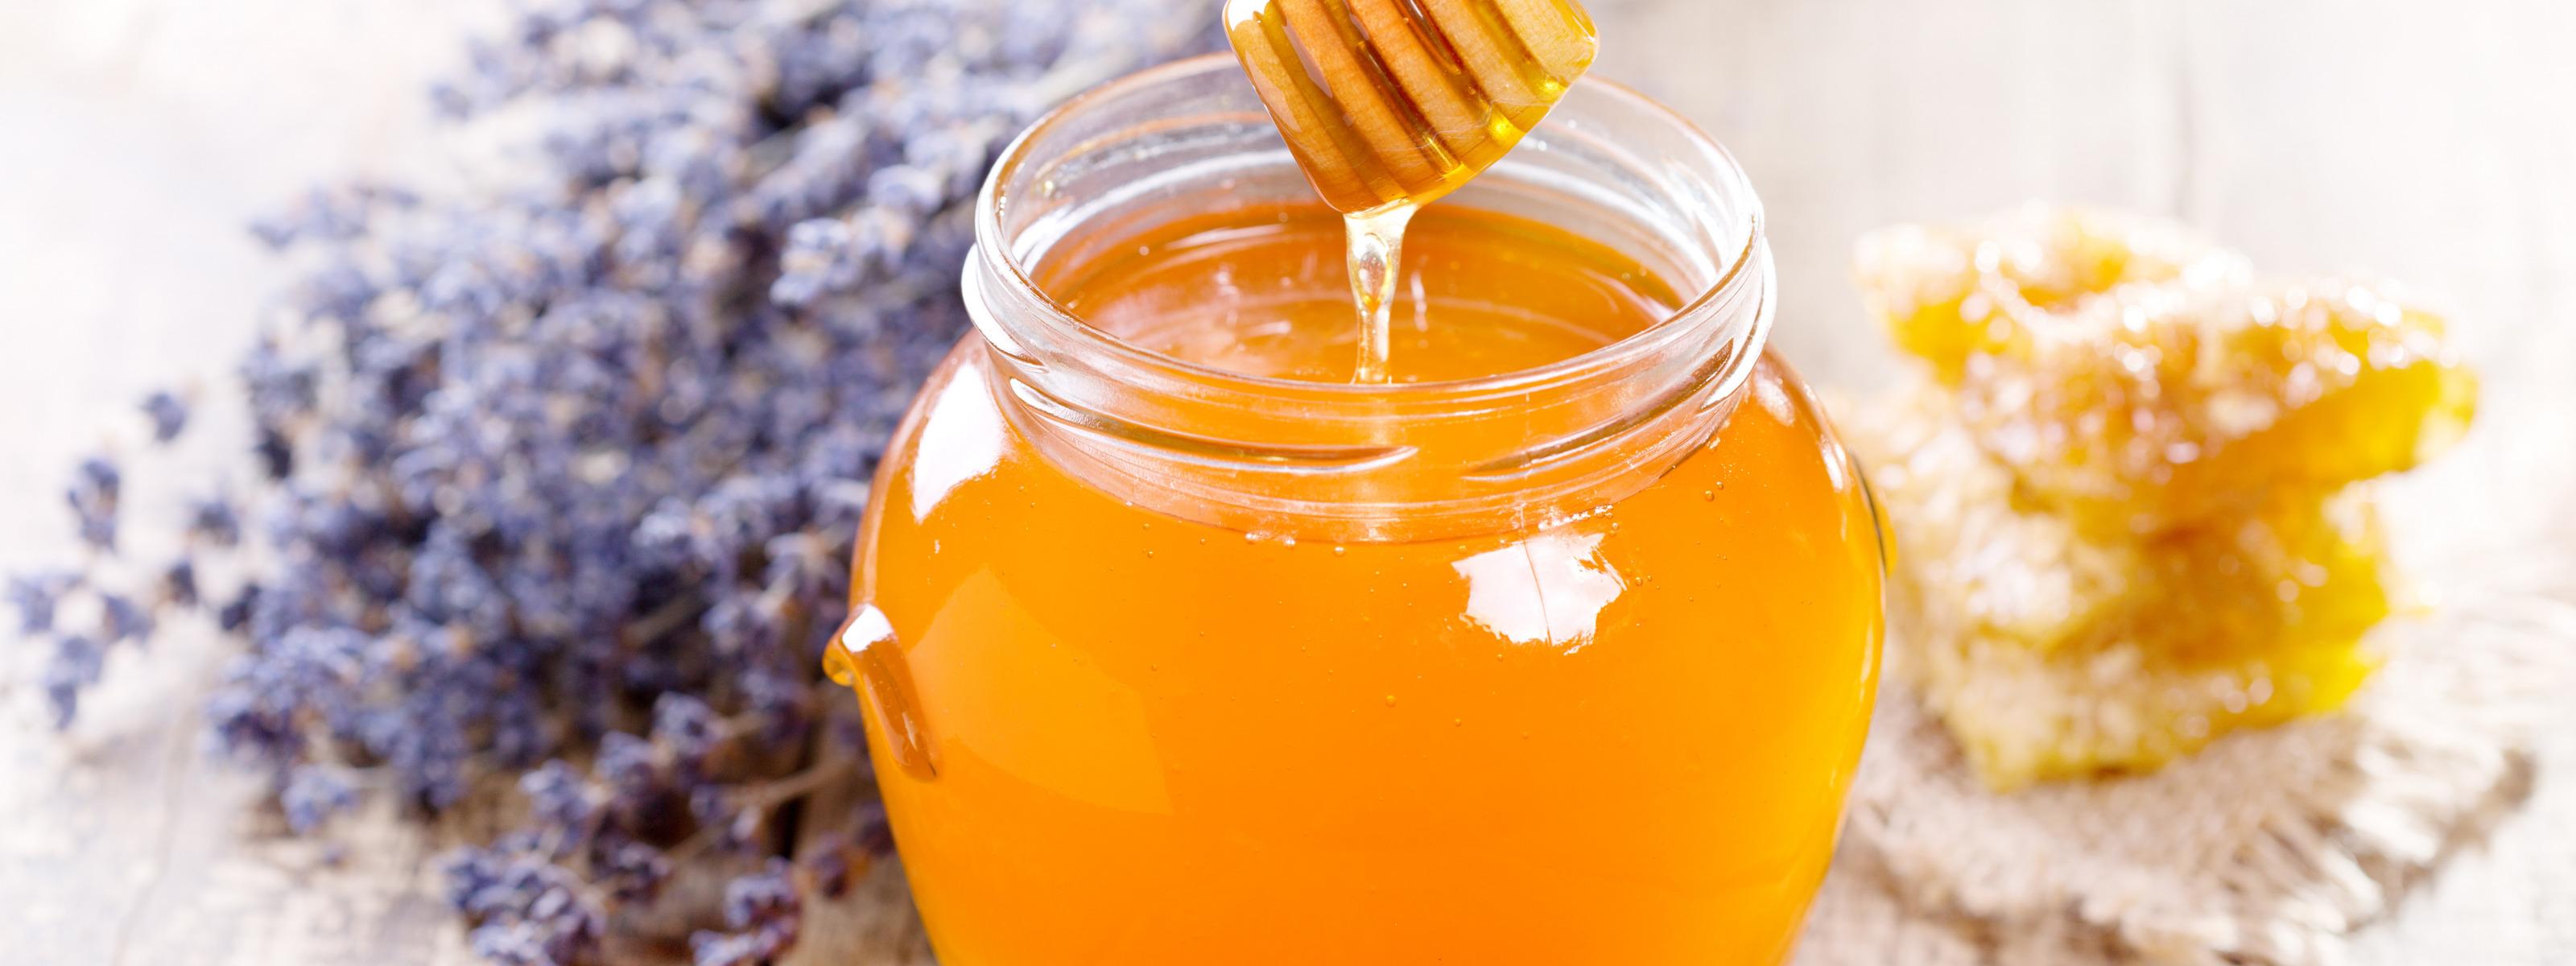 العسل لعلاج الارتجاع المريئي